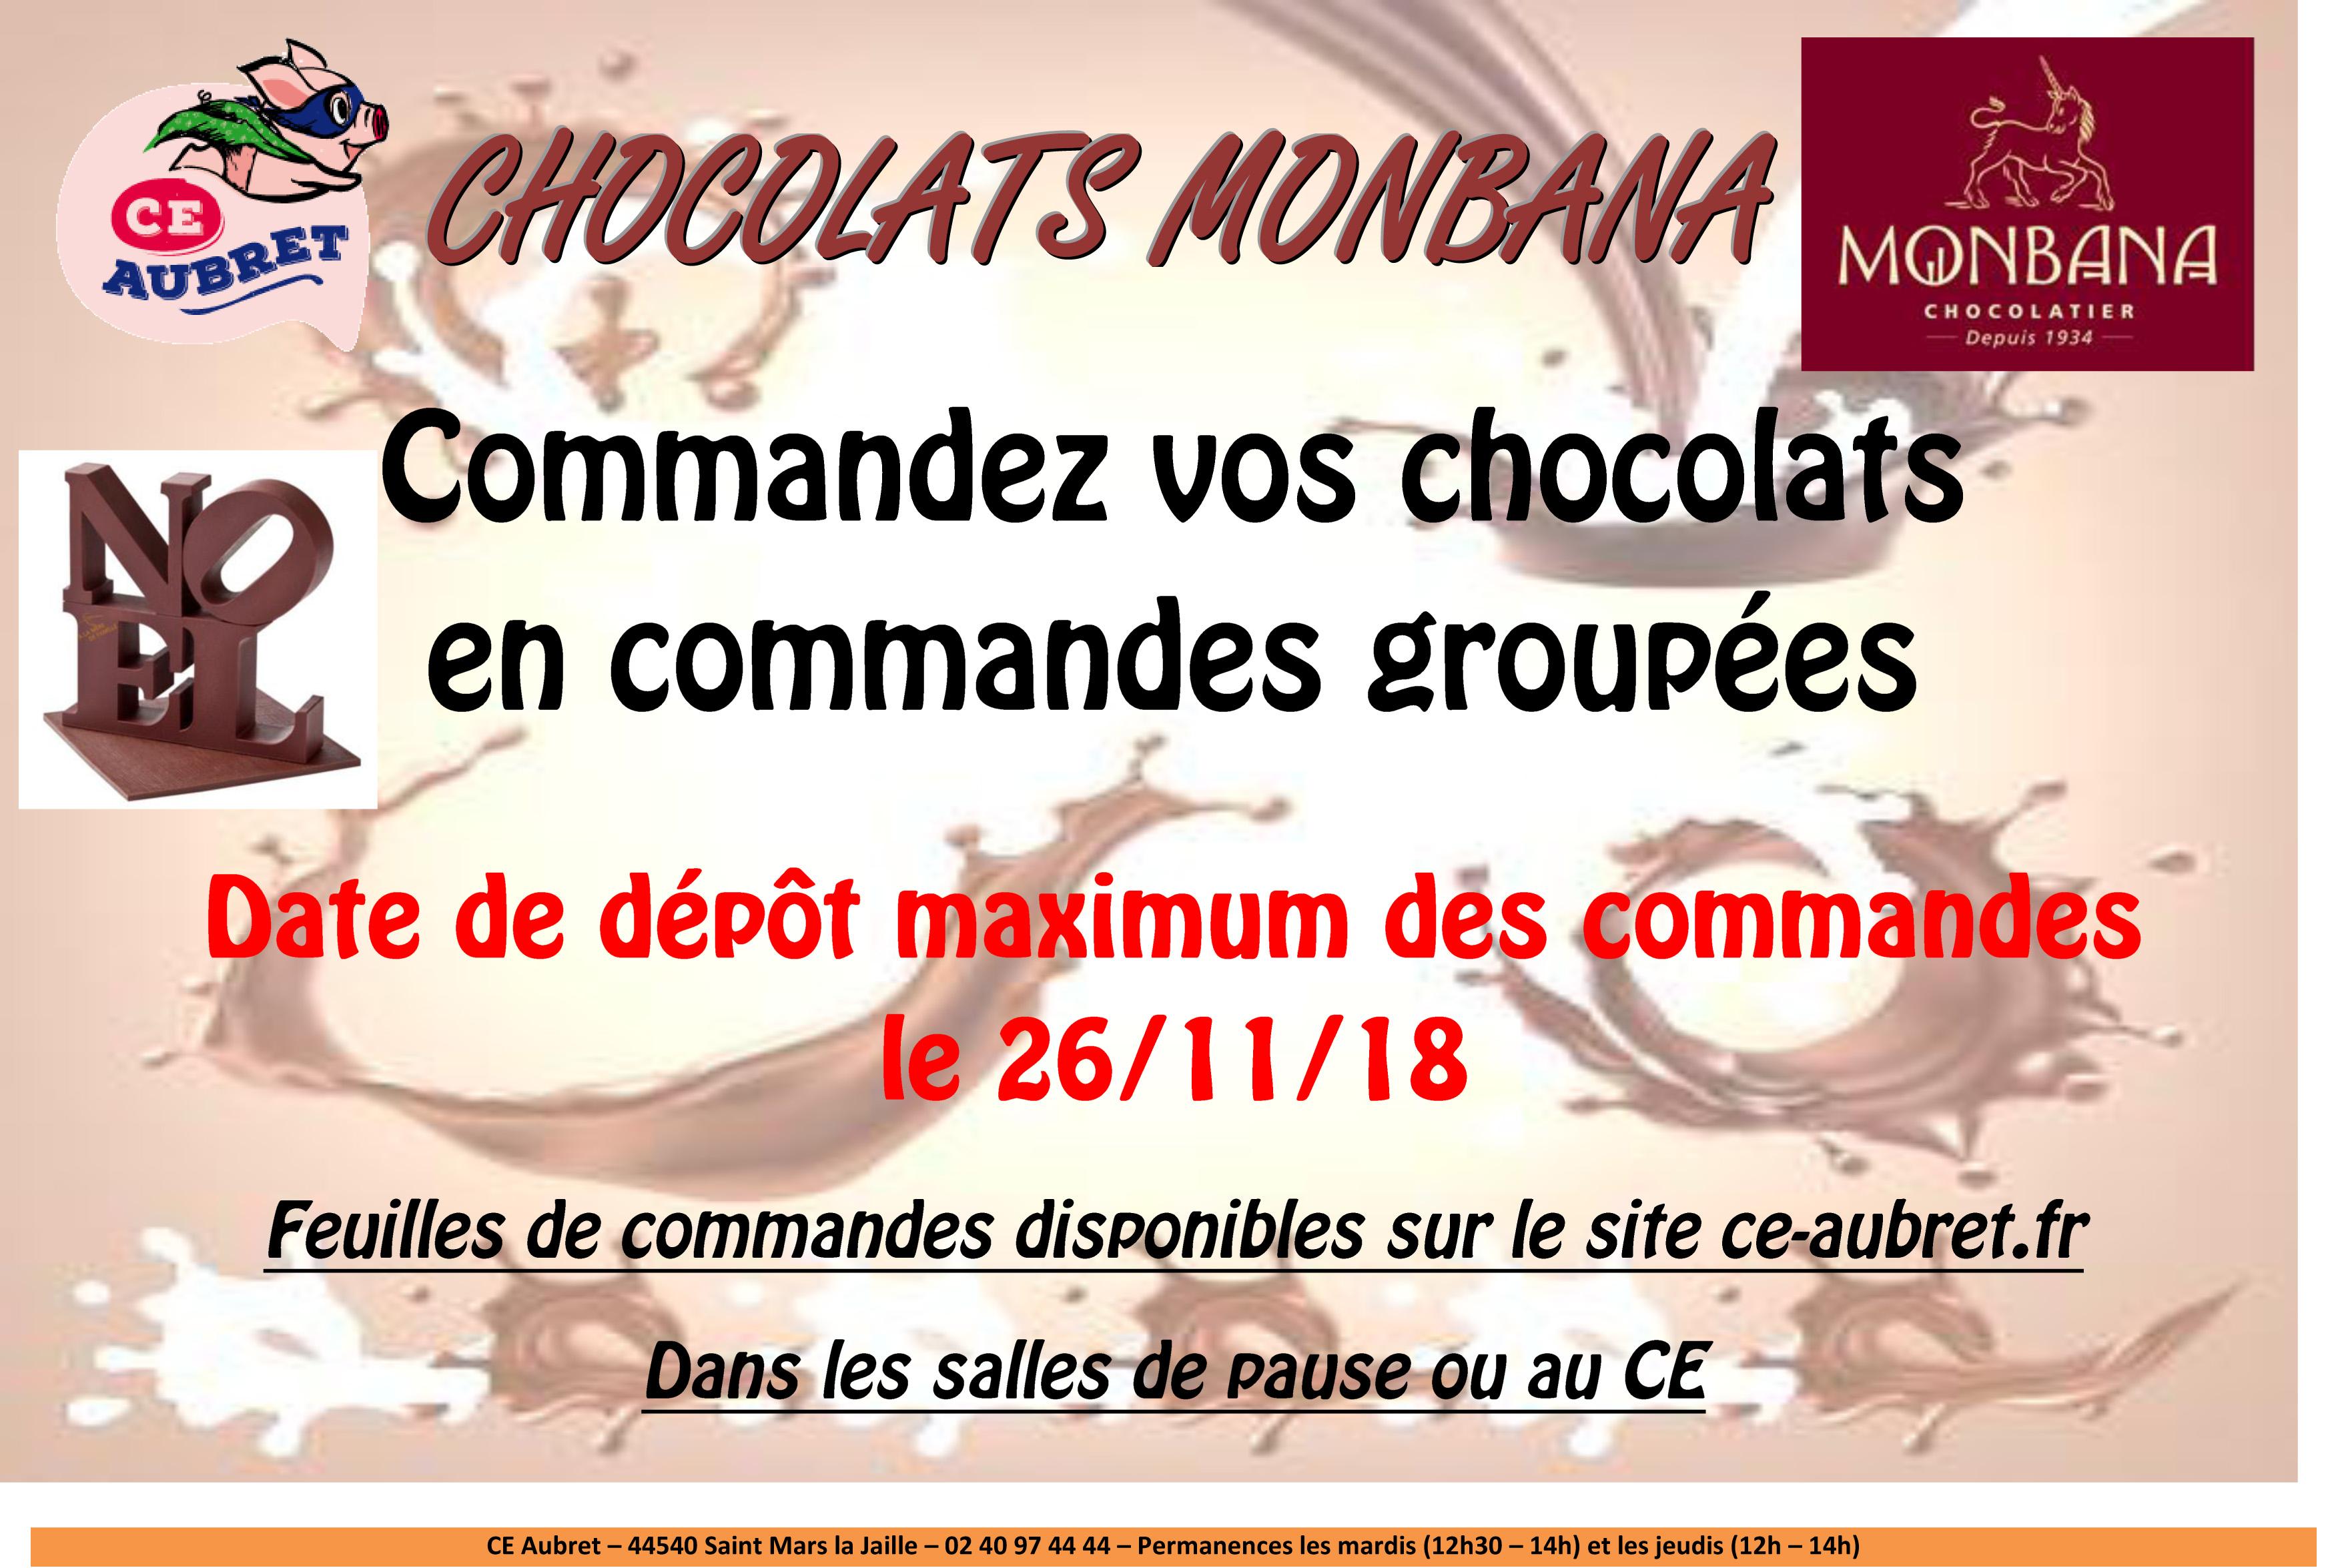 CHOCOLATS MONBANA (1)